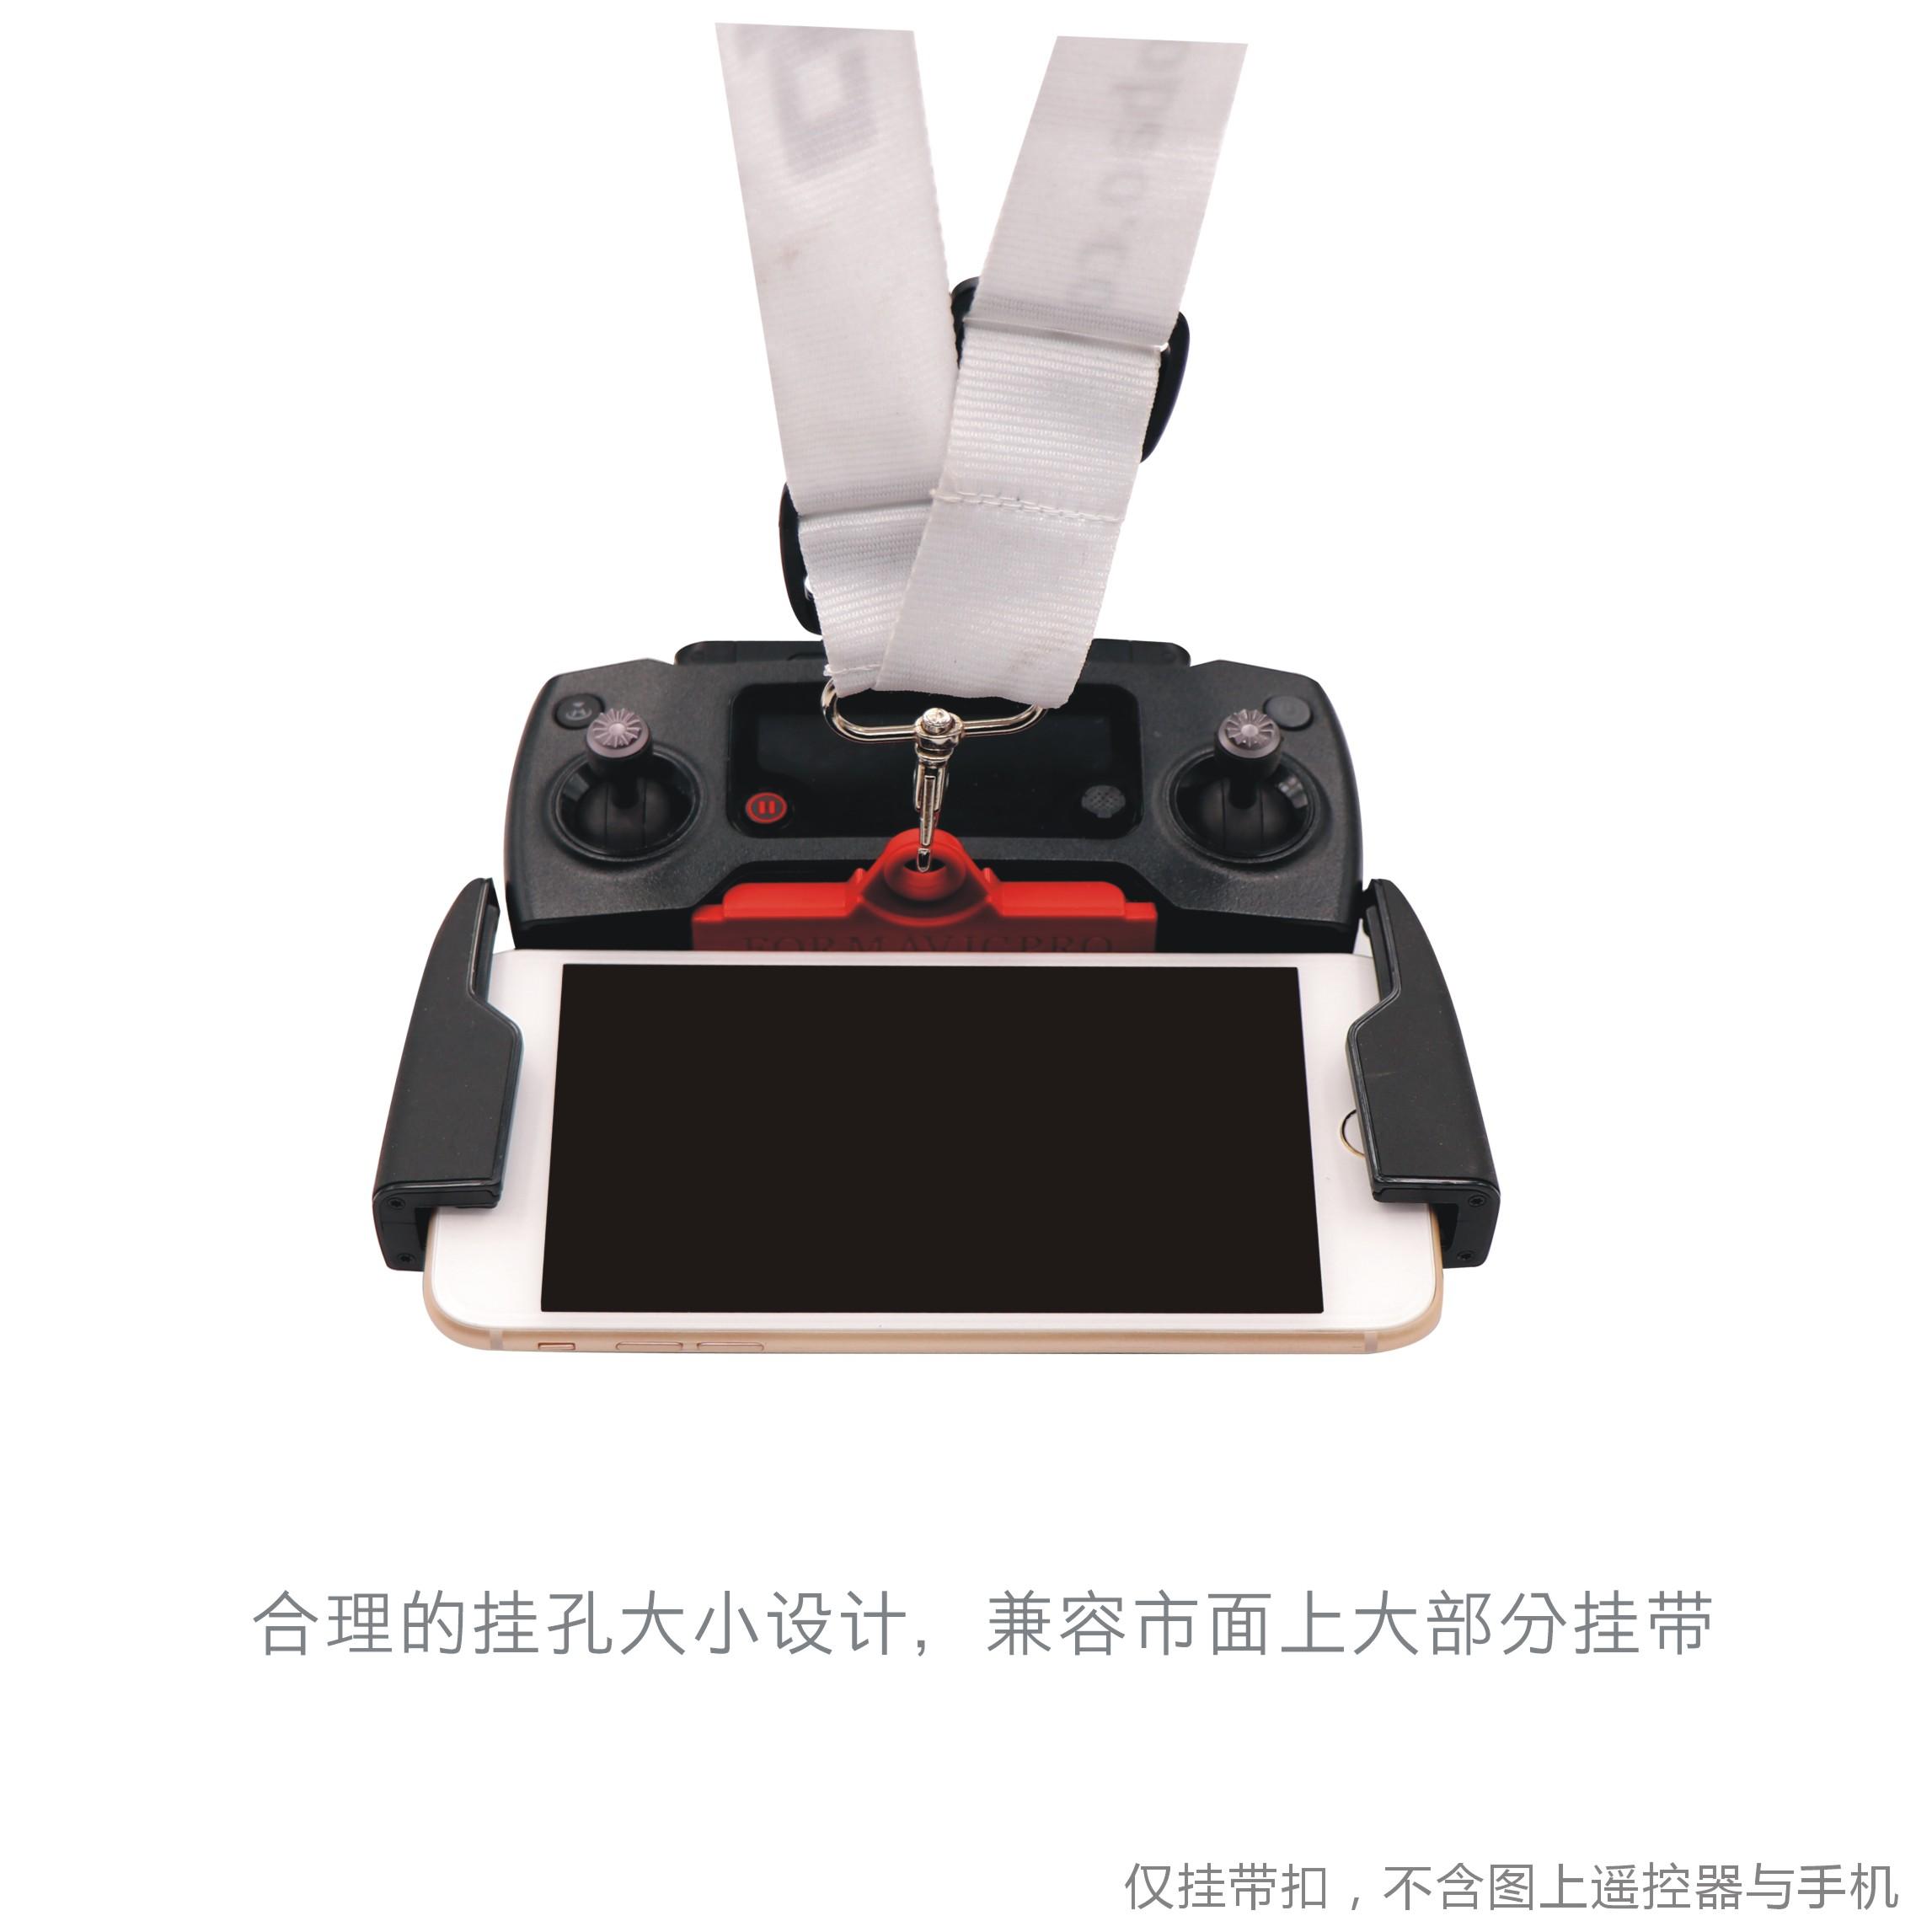 晓SPARK御MAVIC无人机配件遥控器挂带扣脖子背带挂钩吊绳挂扣支架